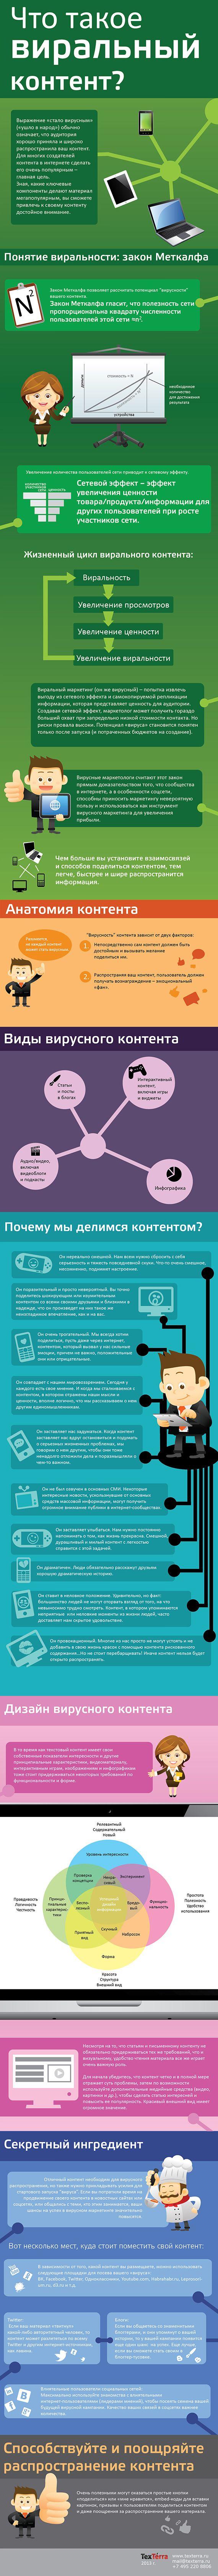 Виральный контент, виральный маркетинг | Best app. Лучшие медиатехнологии